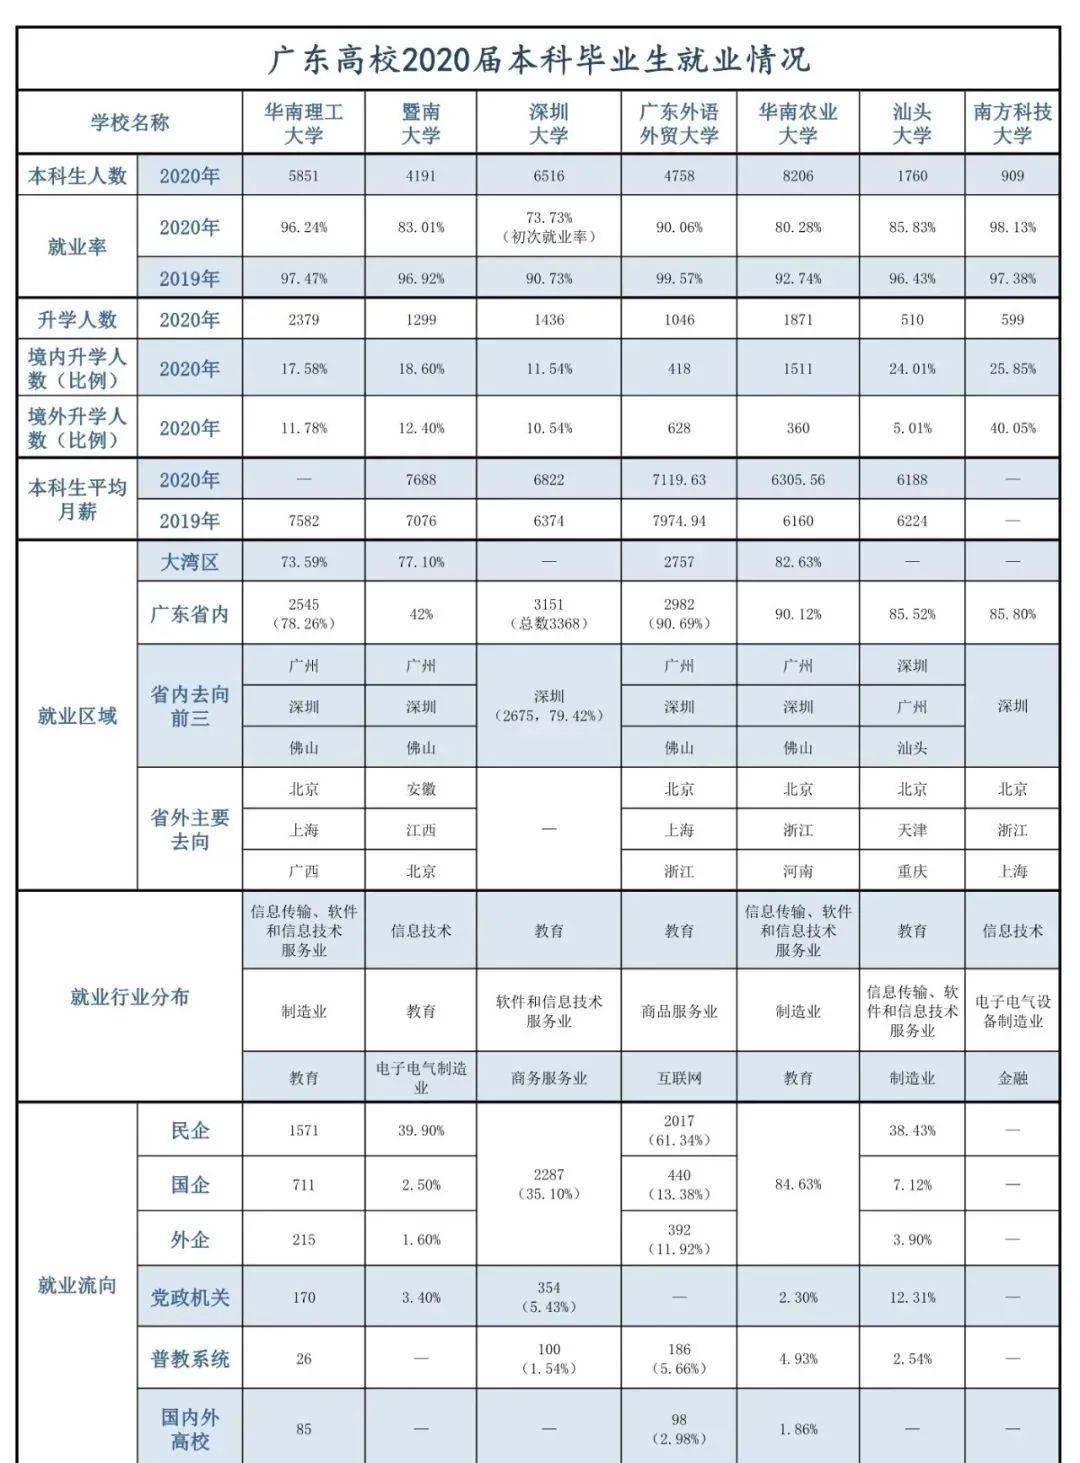 2020年广东哪所高校毕业生最好找工作?工资最高?报告来了